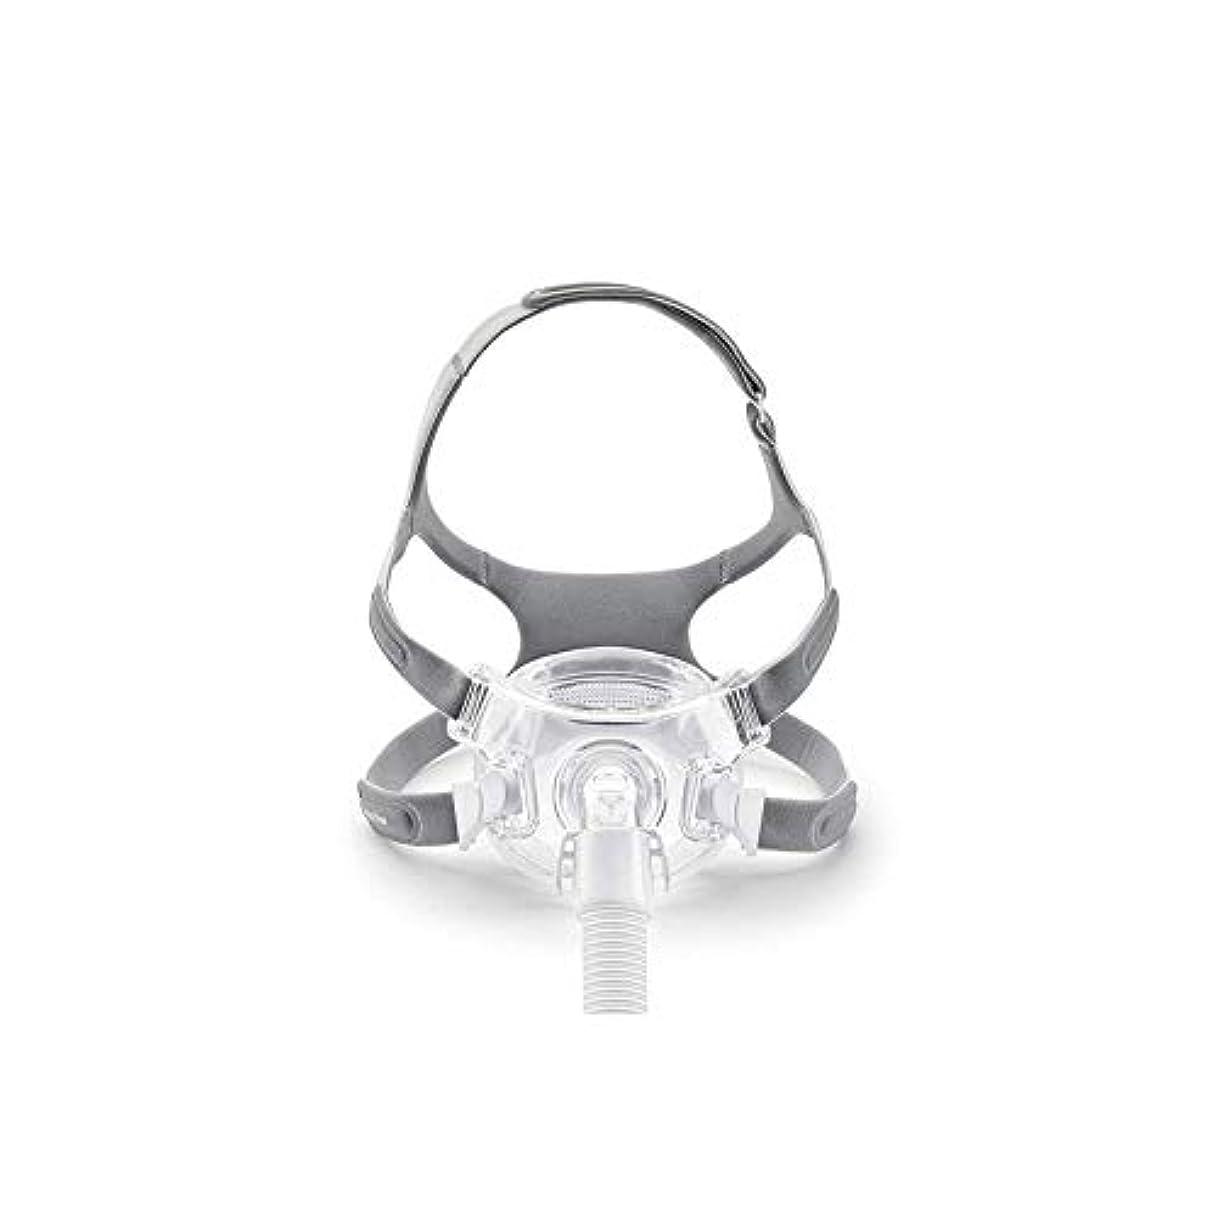 連鎖変わるアジア人CPAPマスク 耐久性あり 快適 睡眠を楽しめる 健康 調整可能 科学設計